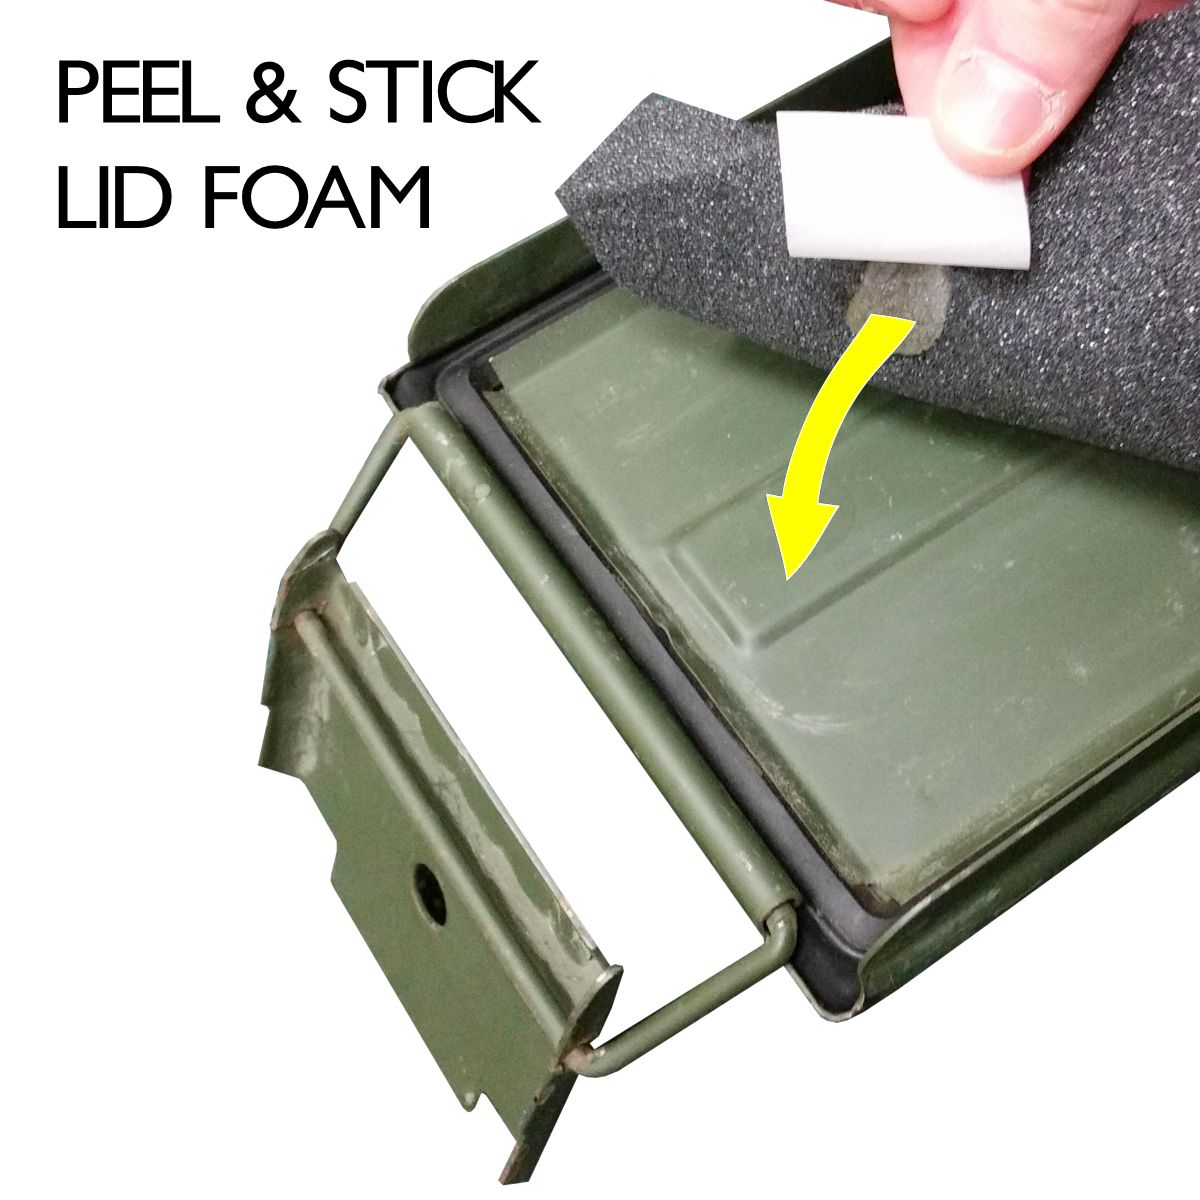 Peel & stick lid foam